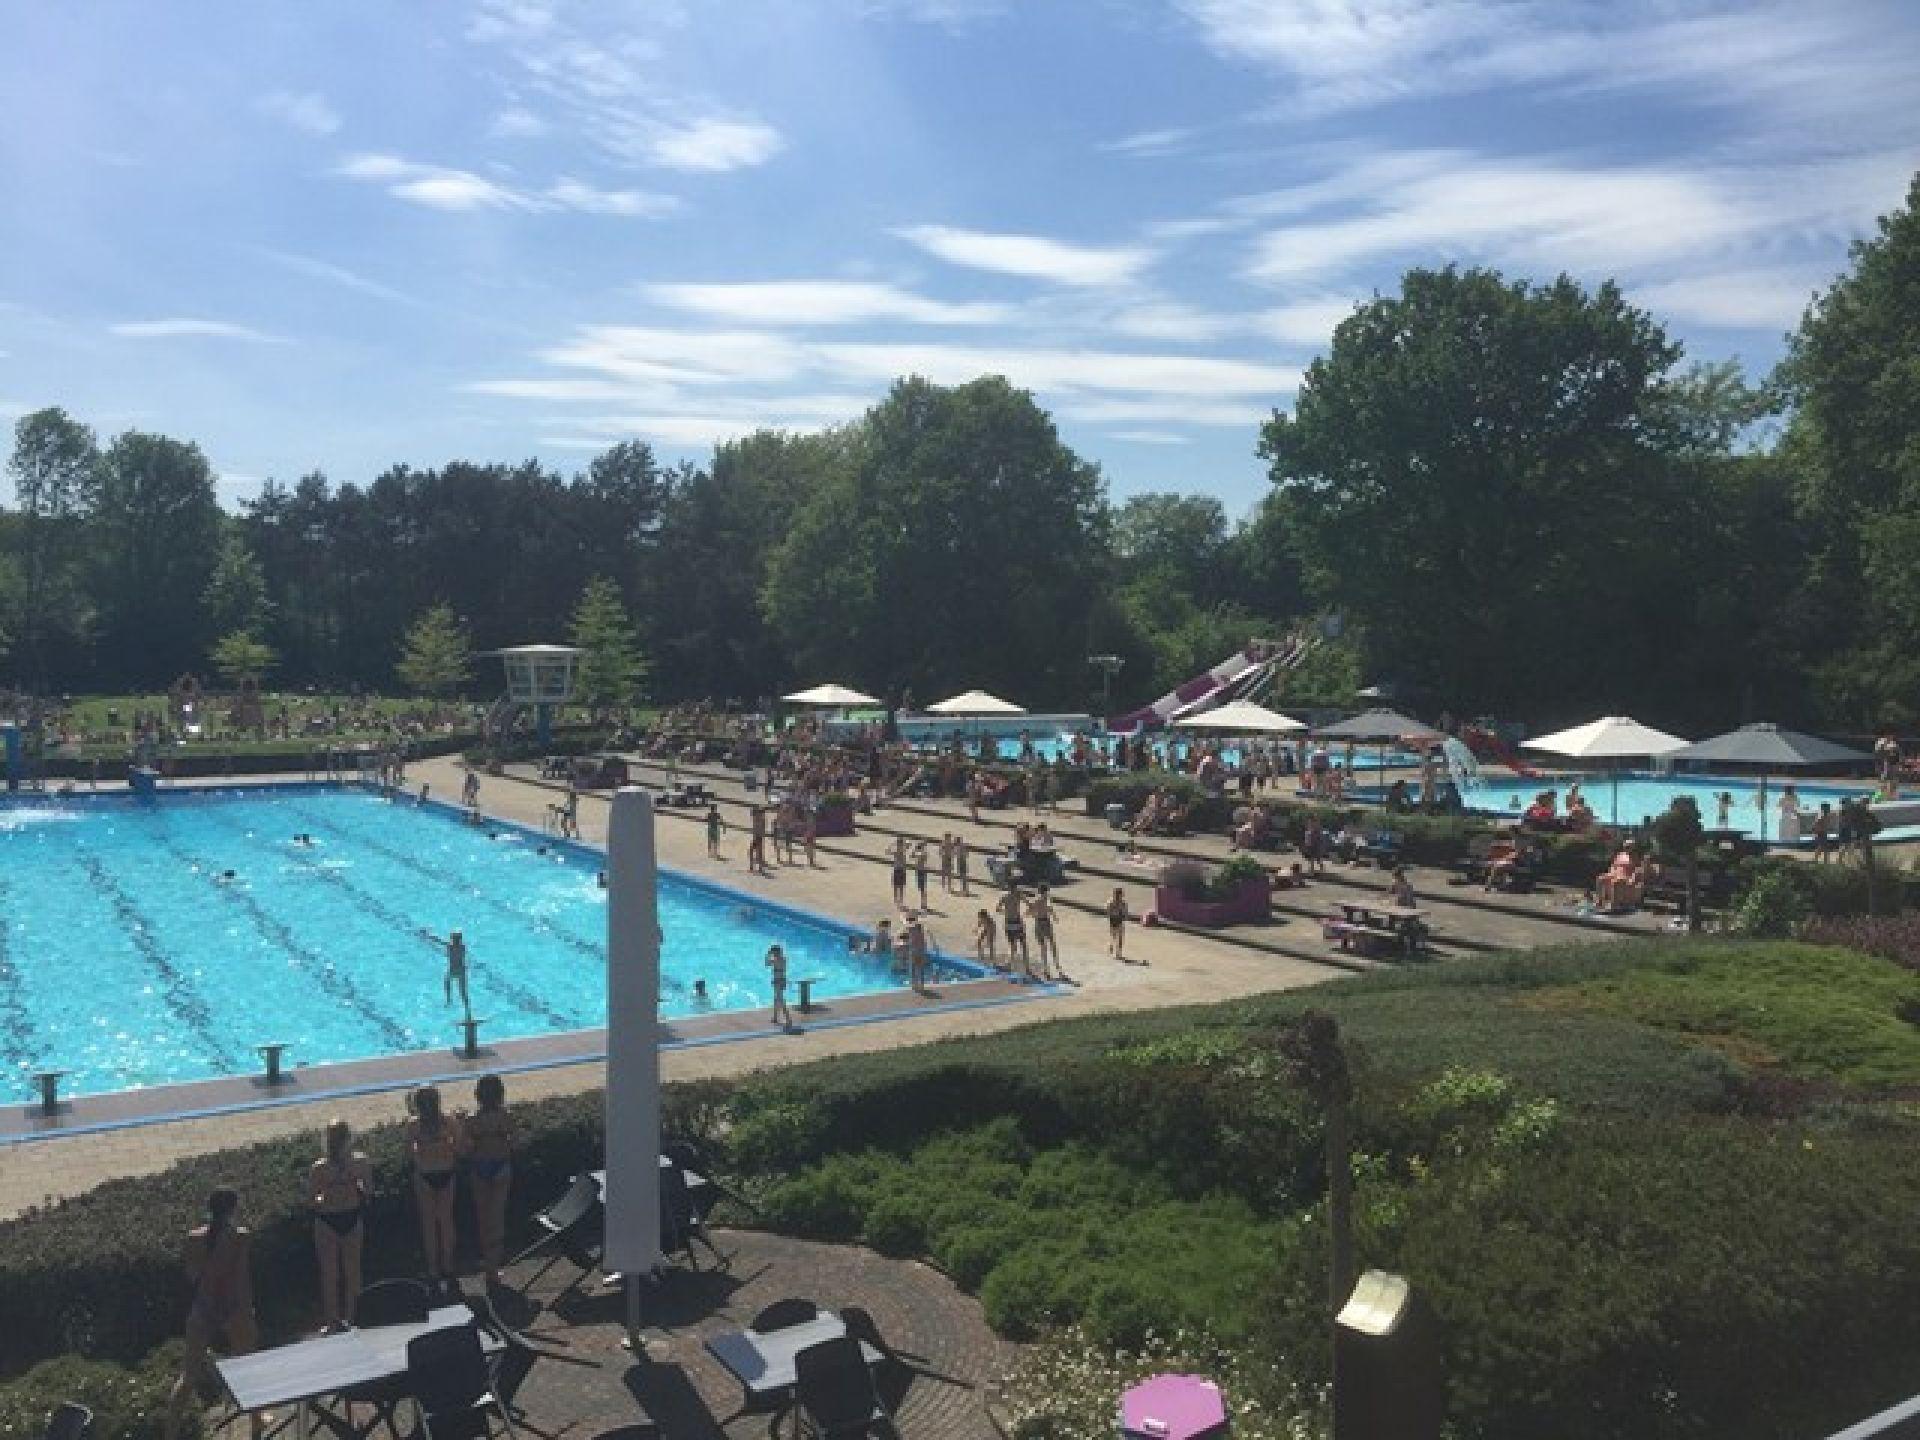 Zwembad Delden noteert eerste topdag